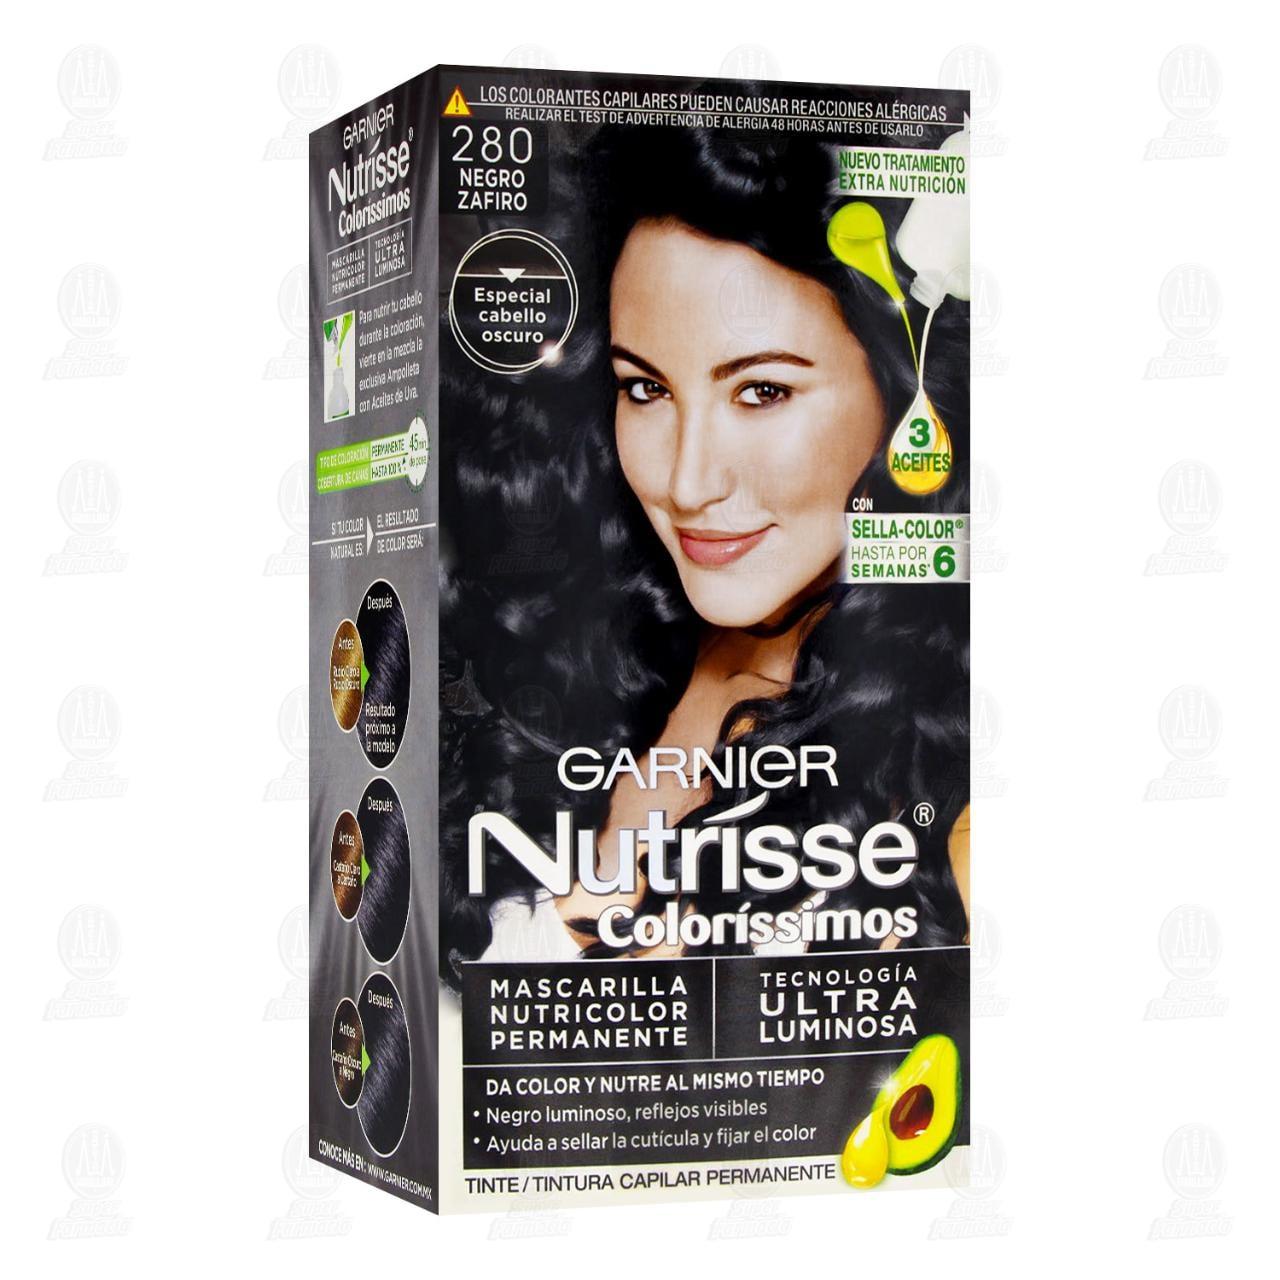 comprar https://www.movil.farmaciasguadalajara.com/wcsstore/FGCAS/wcs/products/1126202_A_1280_AL.jpg en farmacias guadalajara